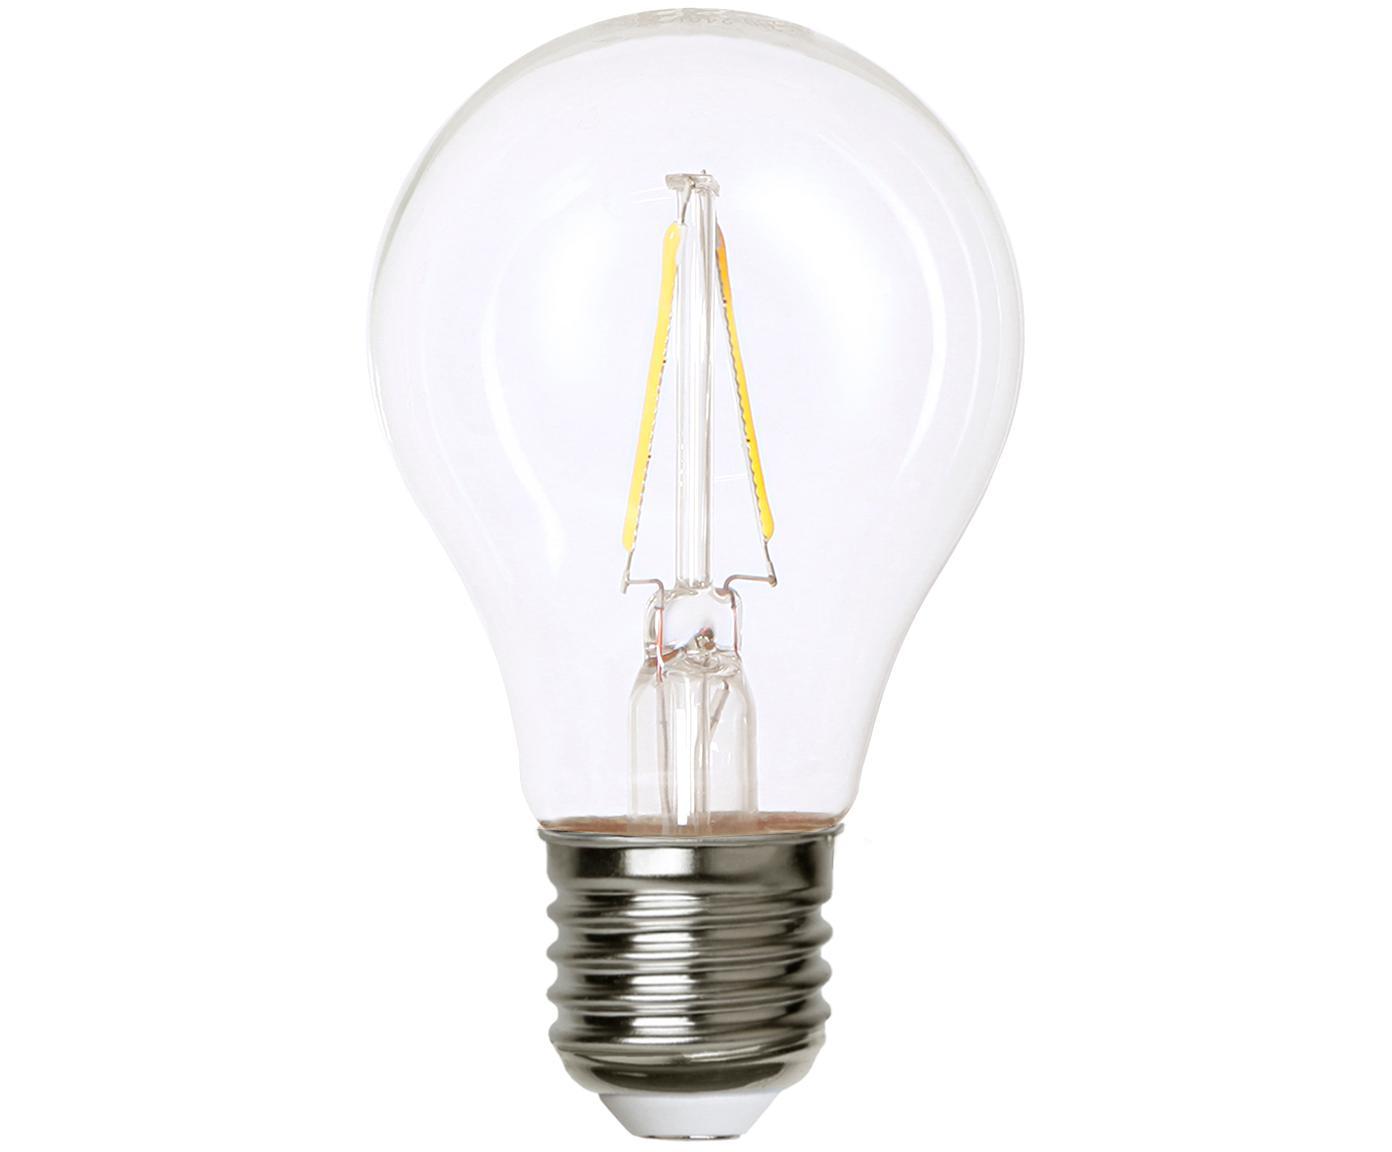 LED Leuchtmittel Airtight Two (E27/2W), Leuchtmittelschirm: Glas, Leuchtmittelfassung: Kupfer, vernickelt, Transparent, Nickel, Ø 6 x H 11 cm